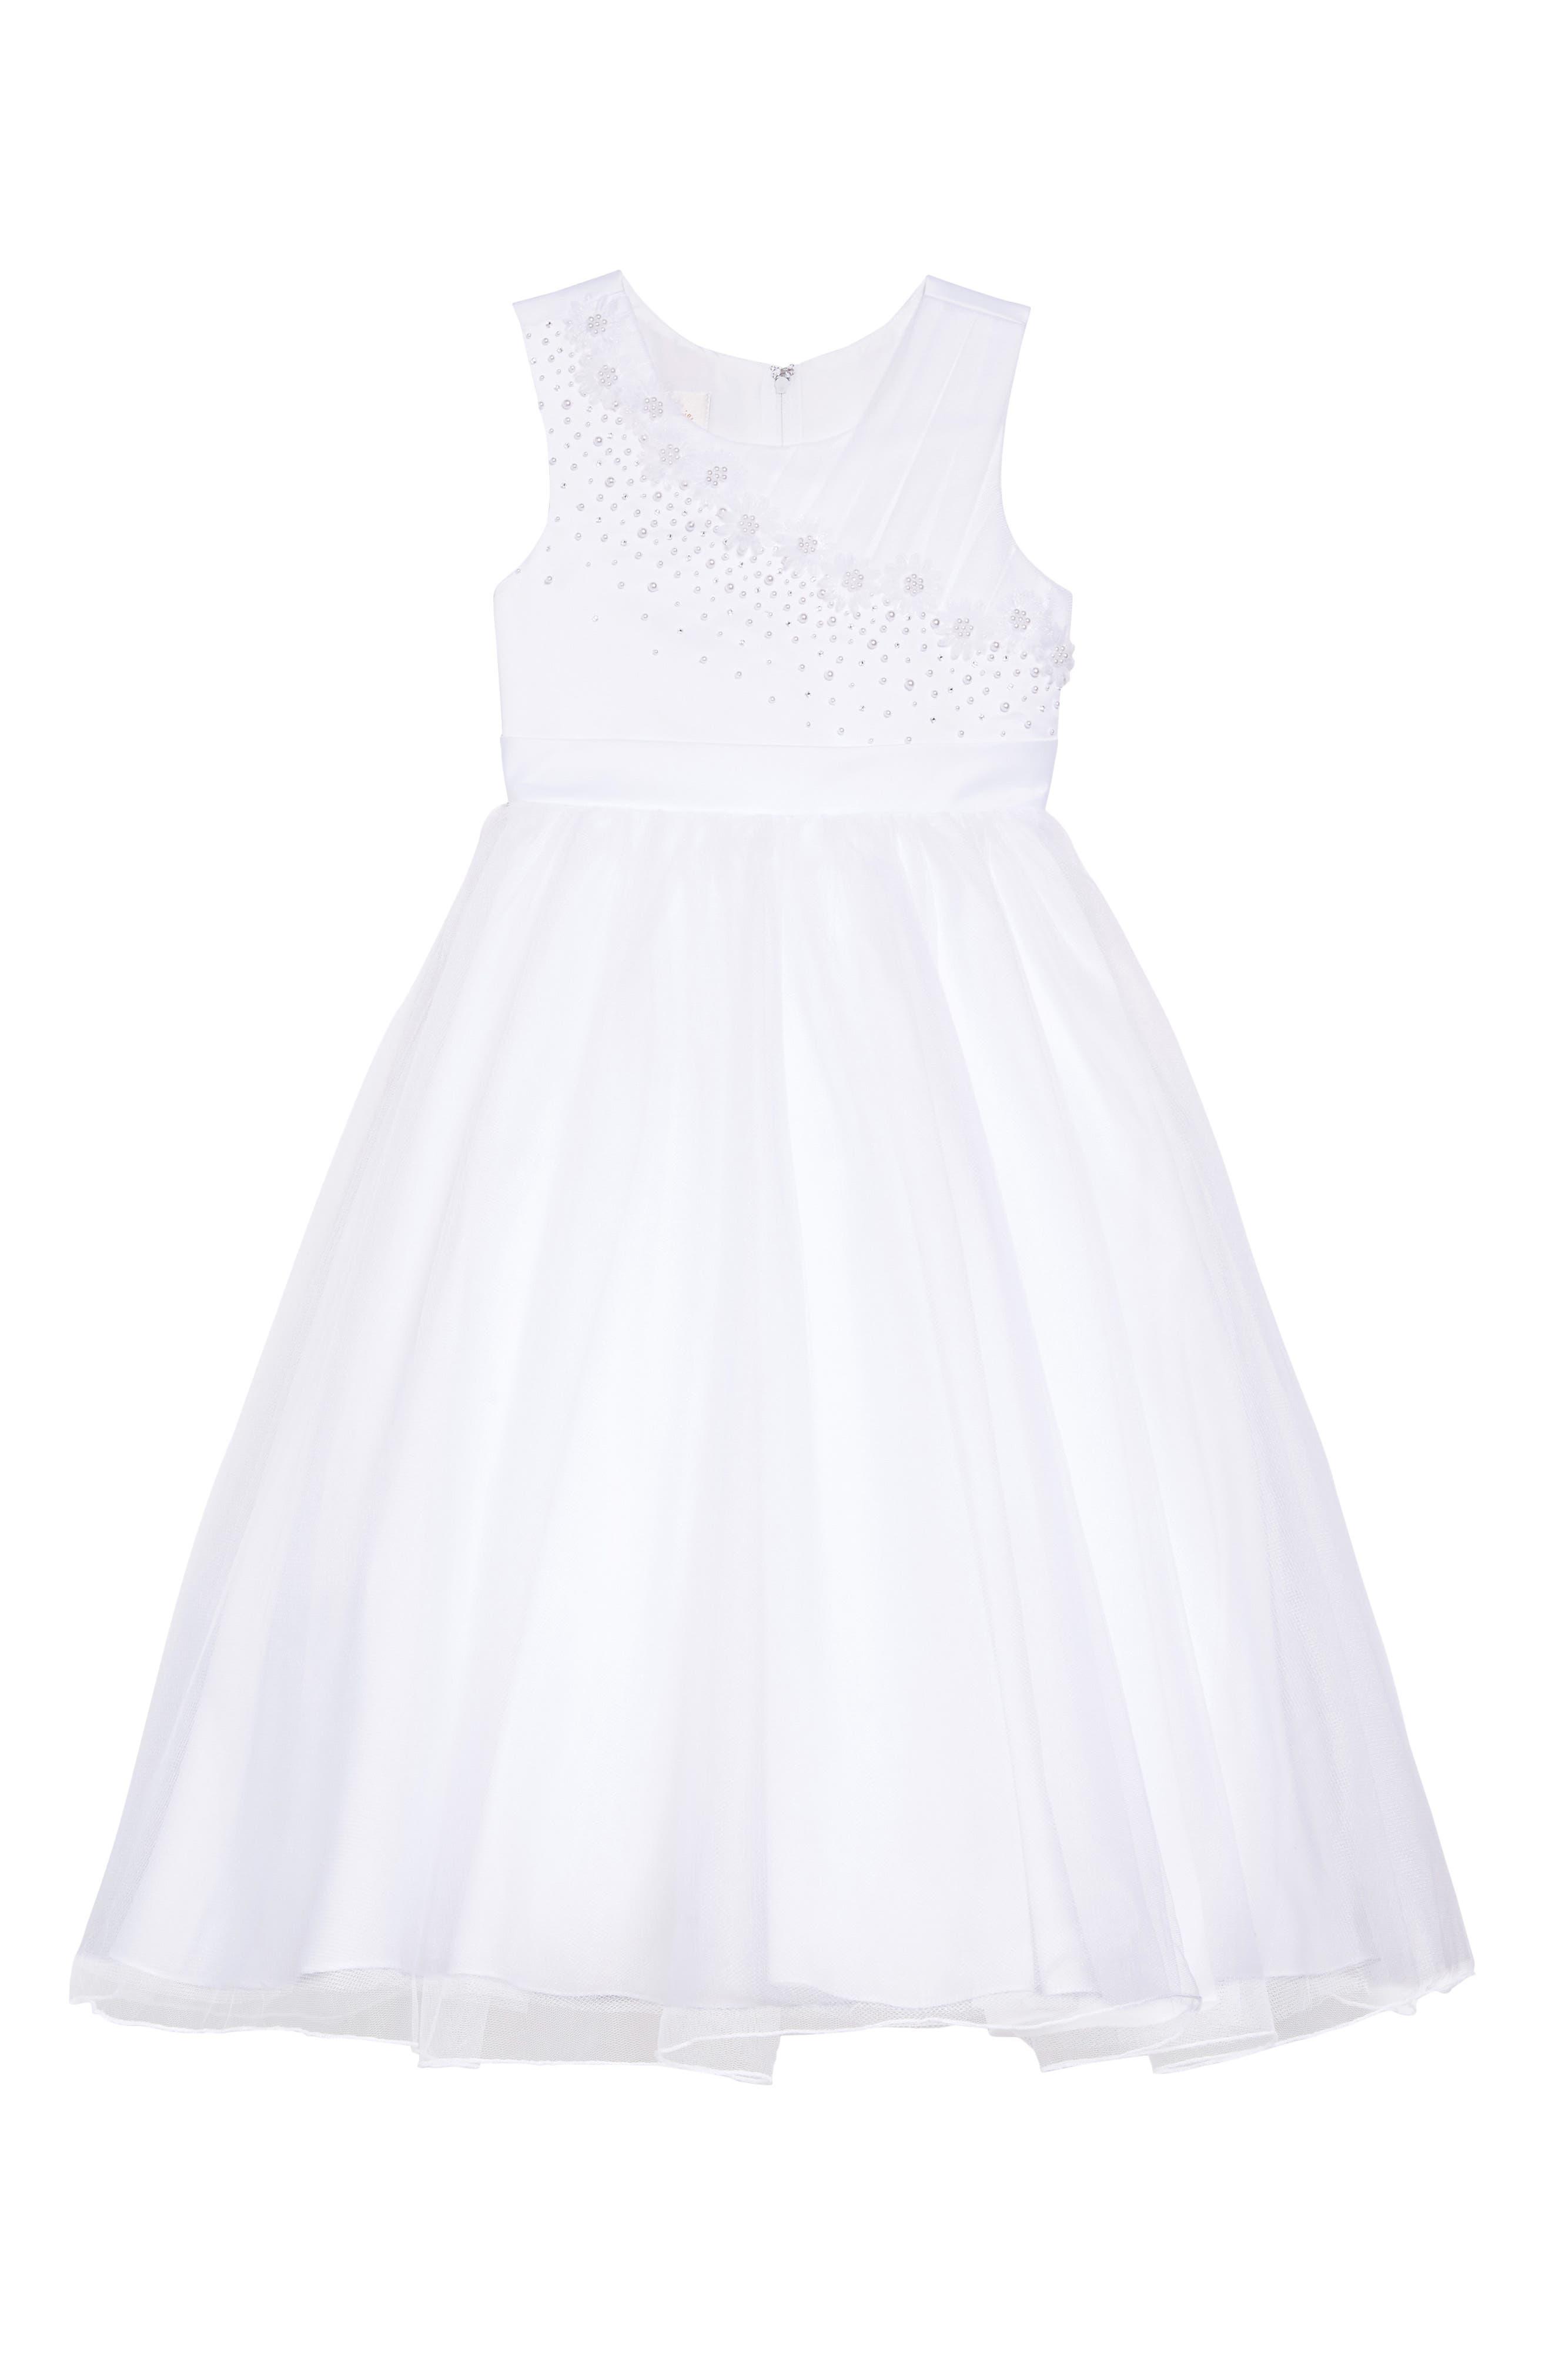 Black and White Flower Girl Dresses